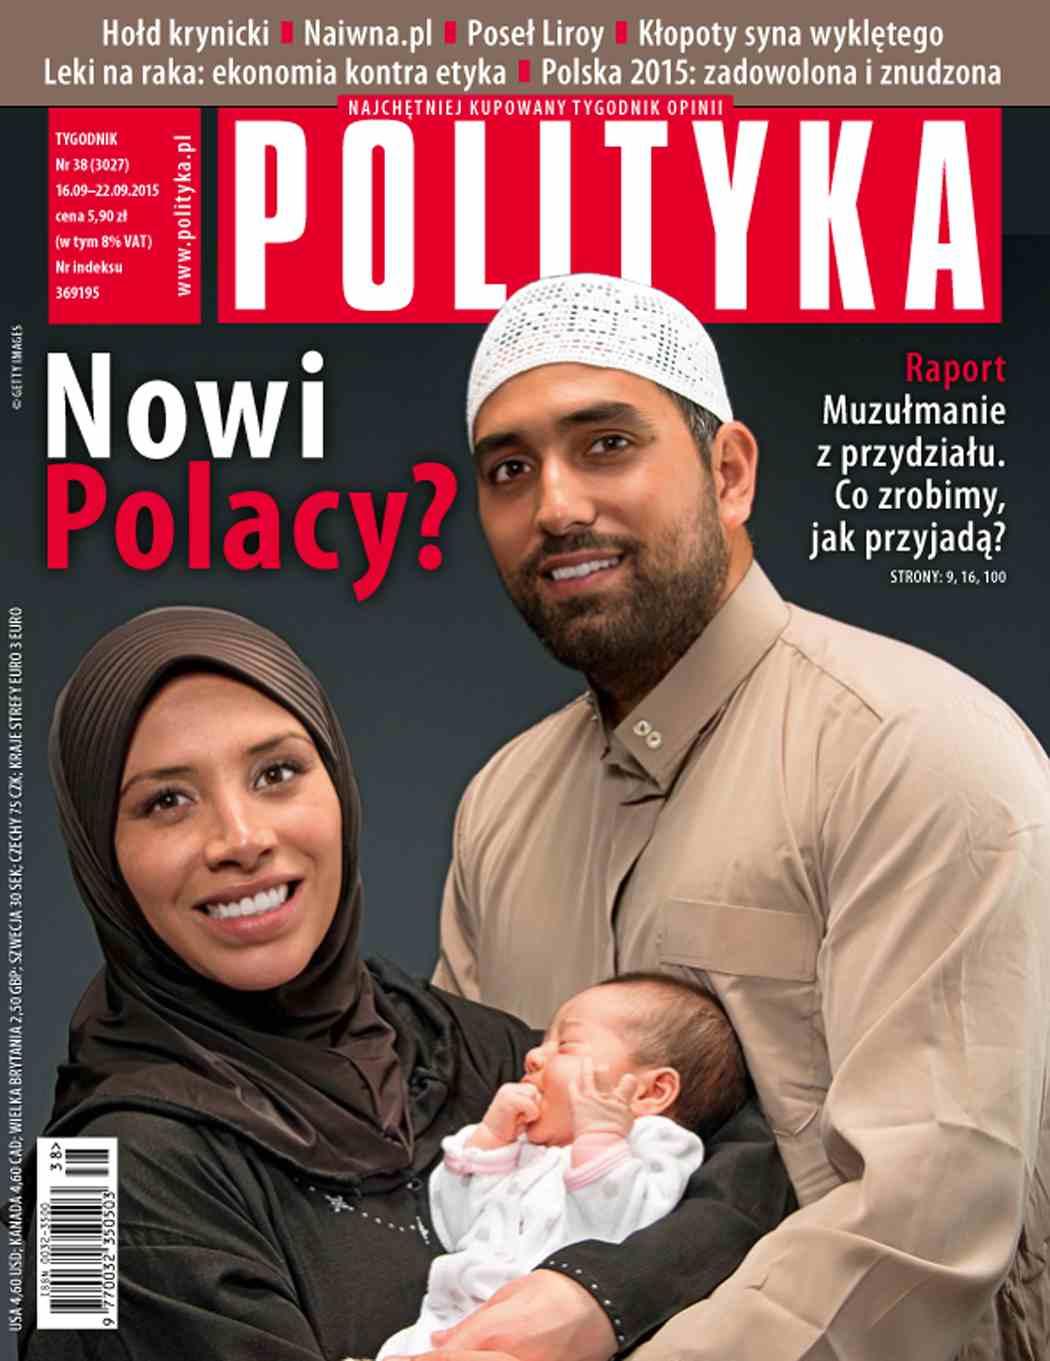 Polityka nr 38/2015 - Ebook (Książka PDF) do pobrania w formacie PDF